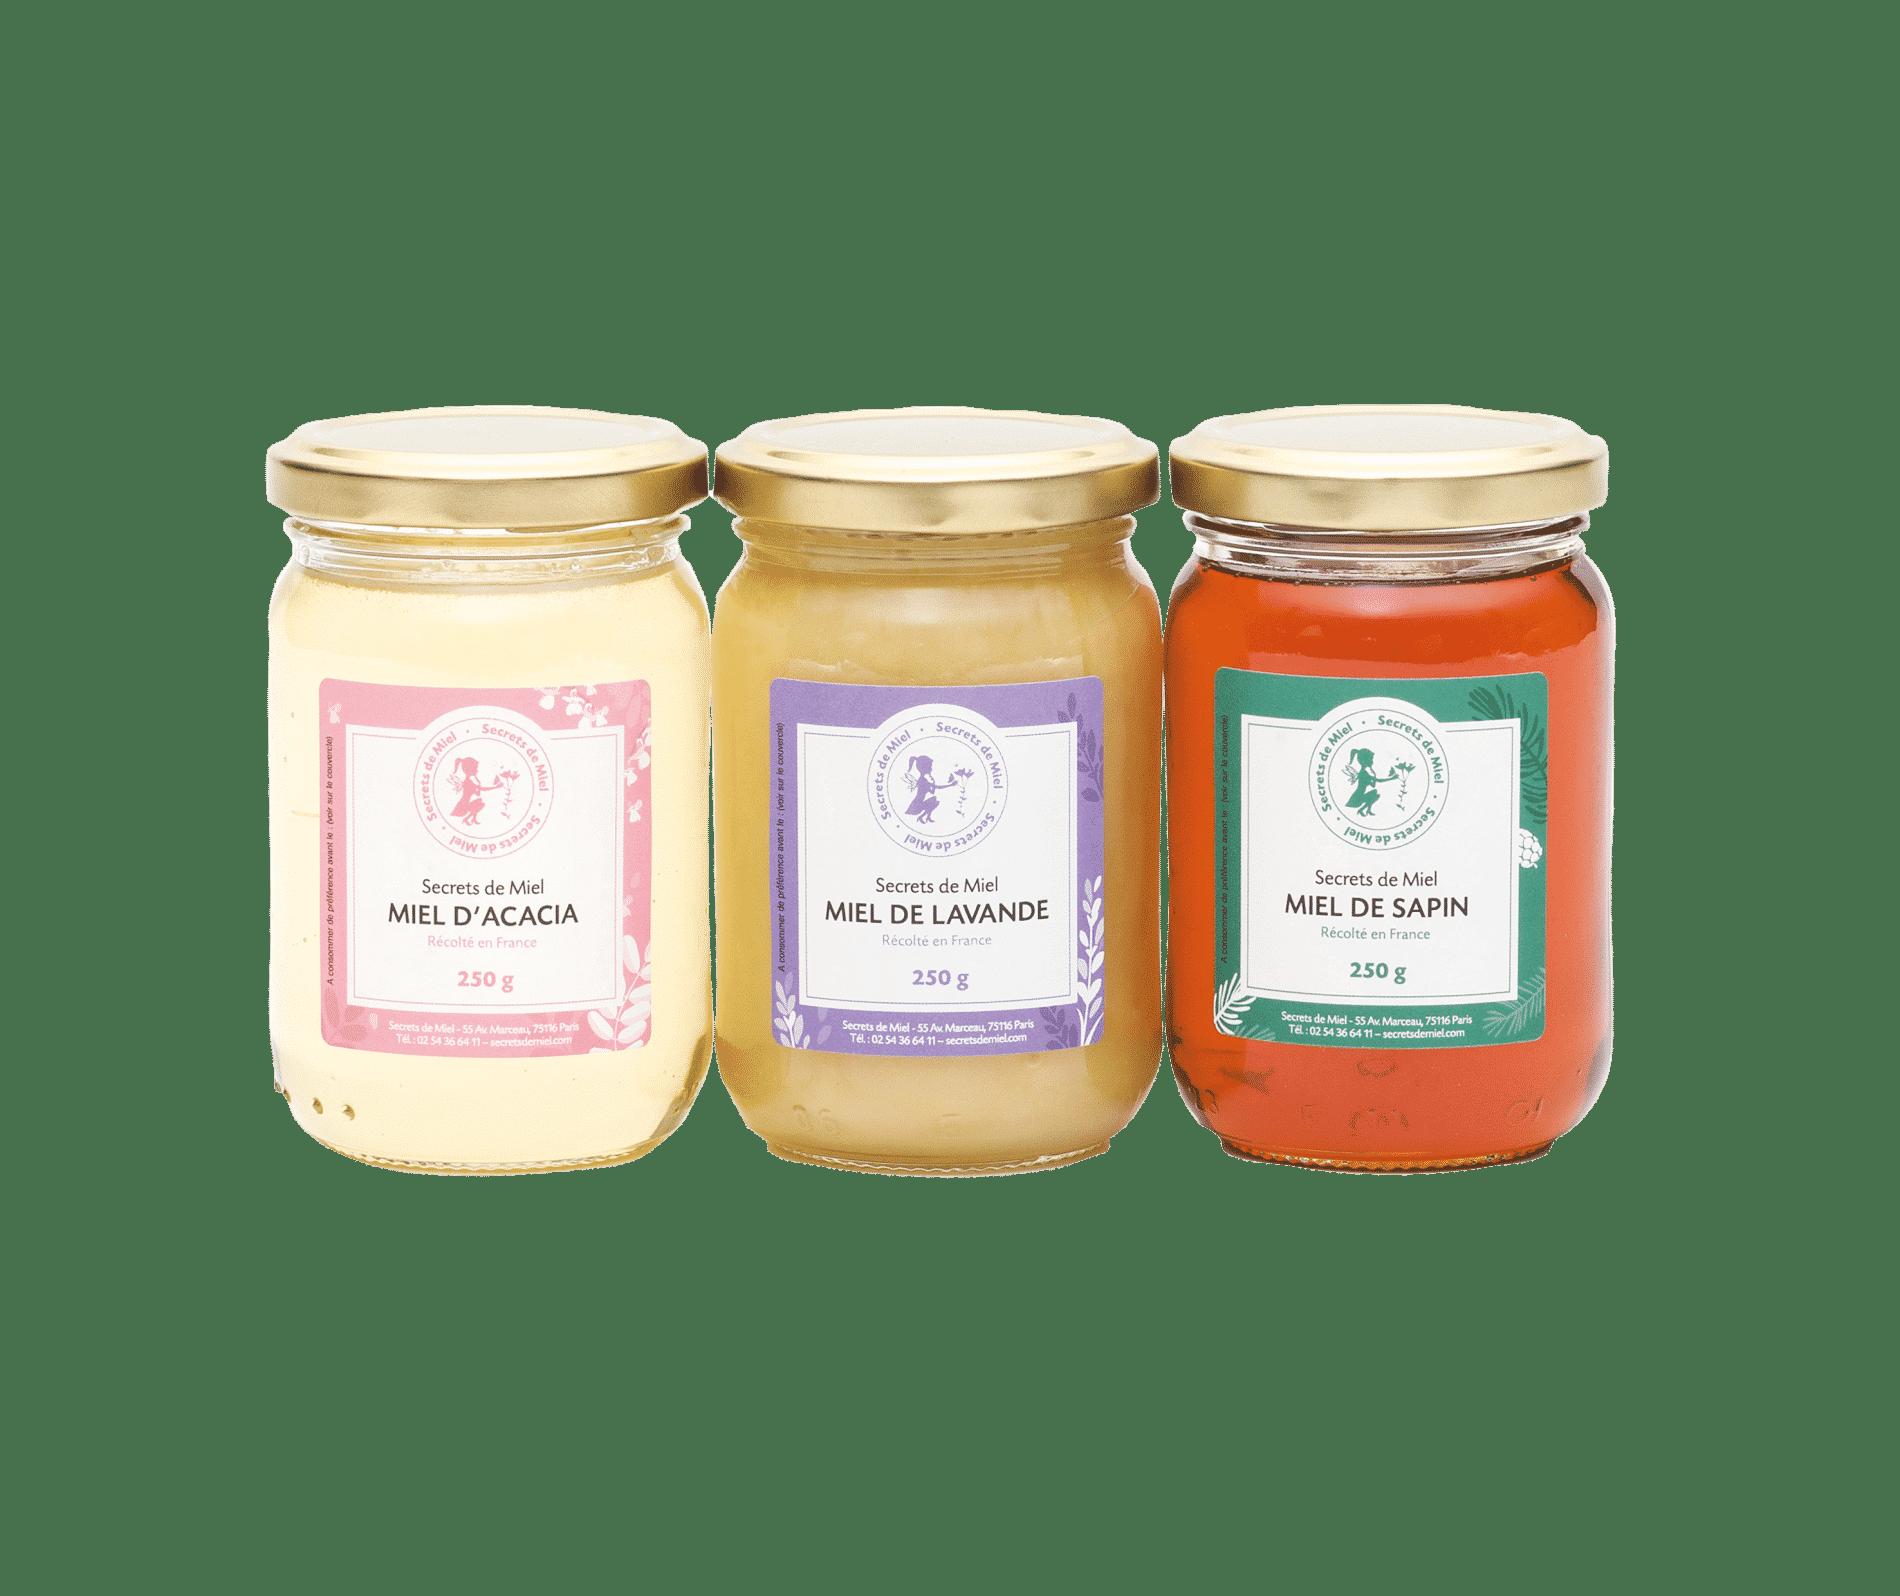 coffret miels rares - miels de France - cadeau gourmet - Noël - Secrets de Miel - savoir-faire - artisanal